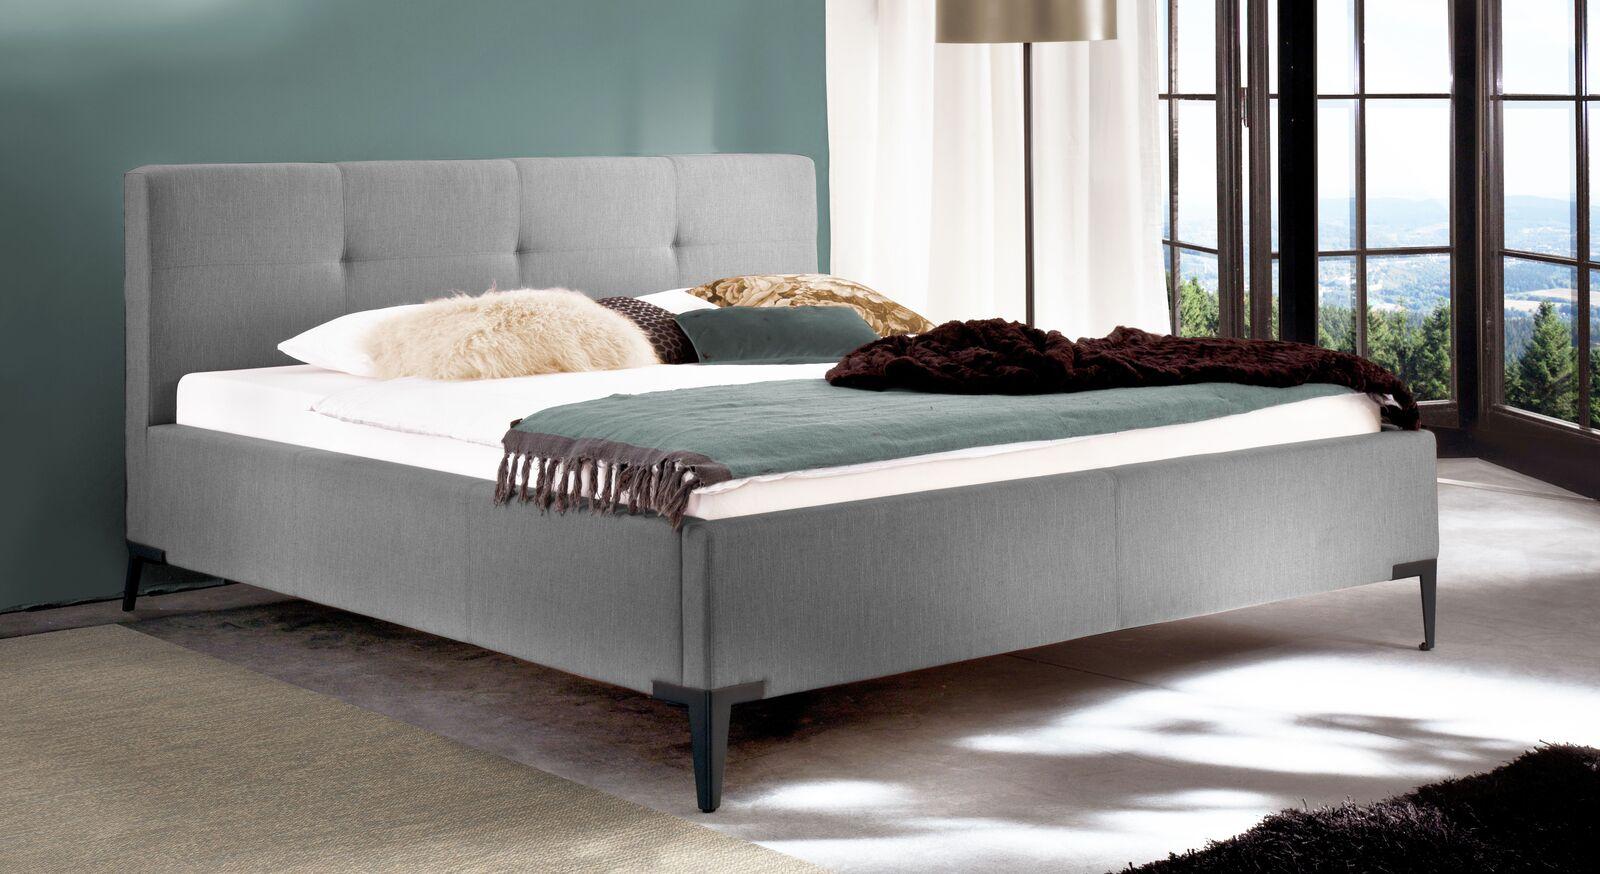 Bett Raritan aus Webstoff in Grau